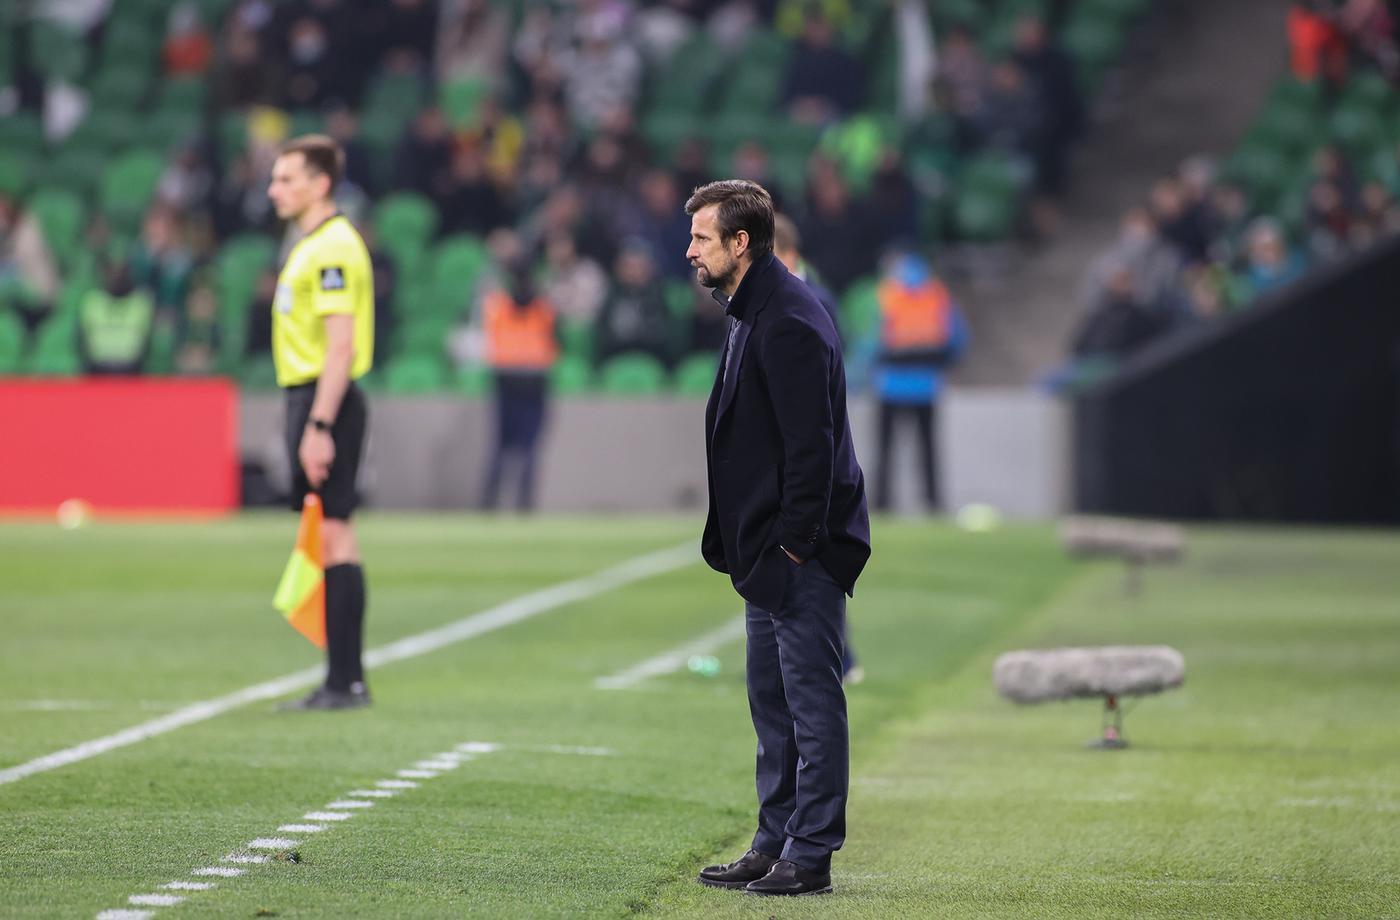 Сколько новичков нужно «Зениту» перед Лигой чемпионов. Сделал ли клуб выводы из ошибок прошлого сезона? - фото